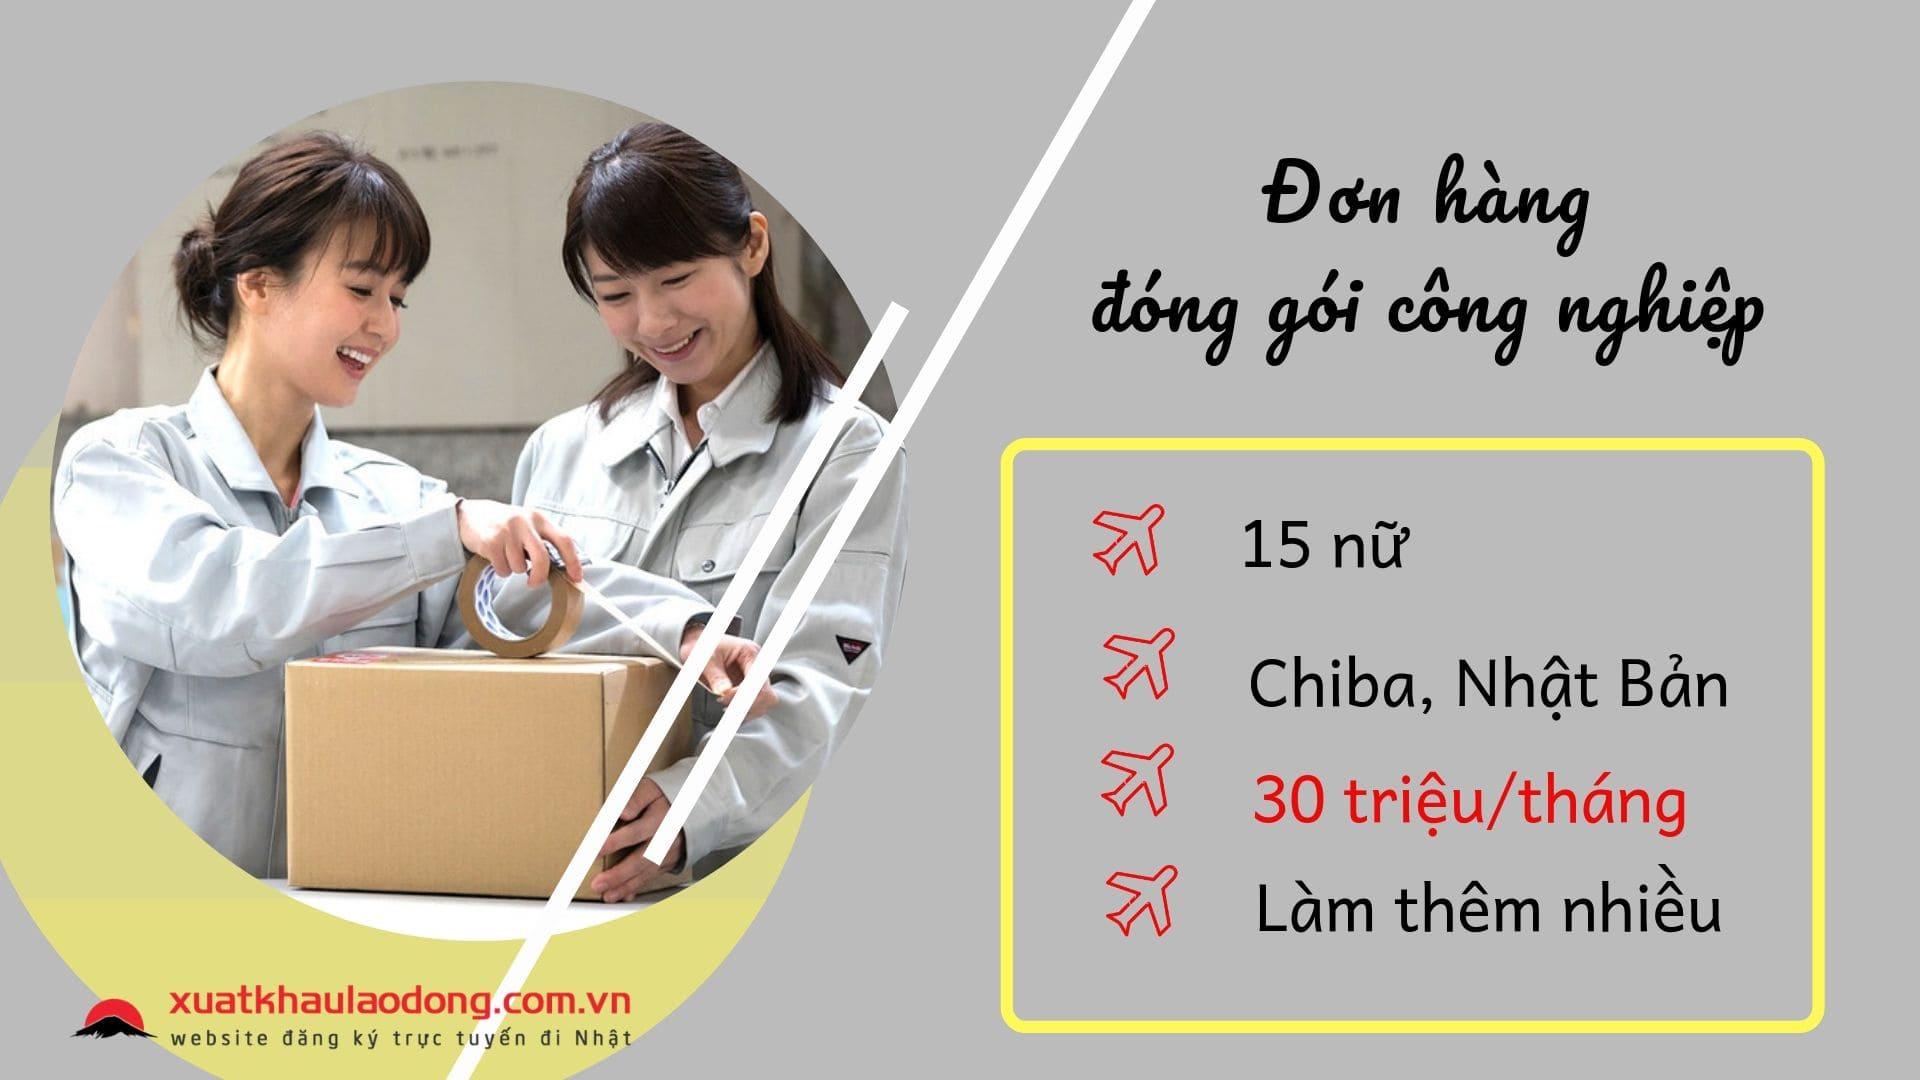 Đơn hàng đóng gói công nghiệp lương 30 triệu, phí thấp tại Chiba, Nhật Bản